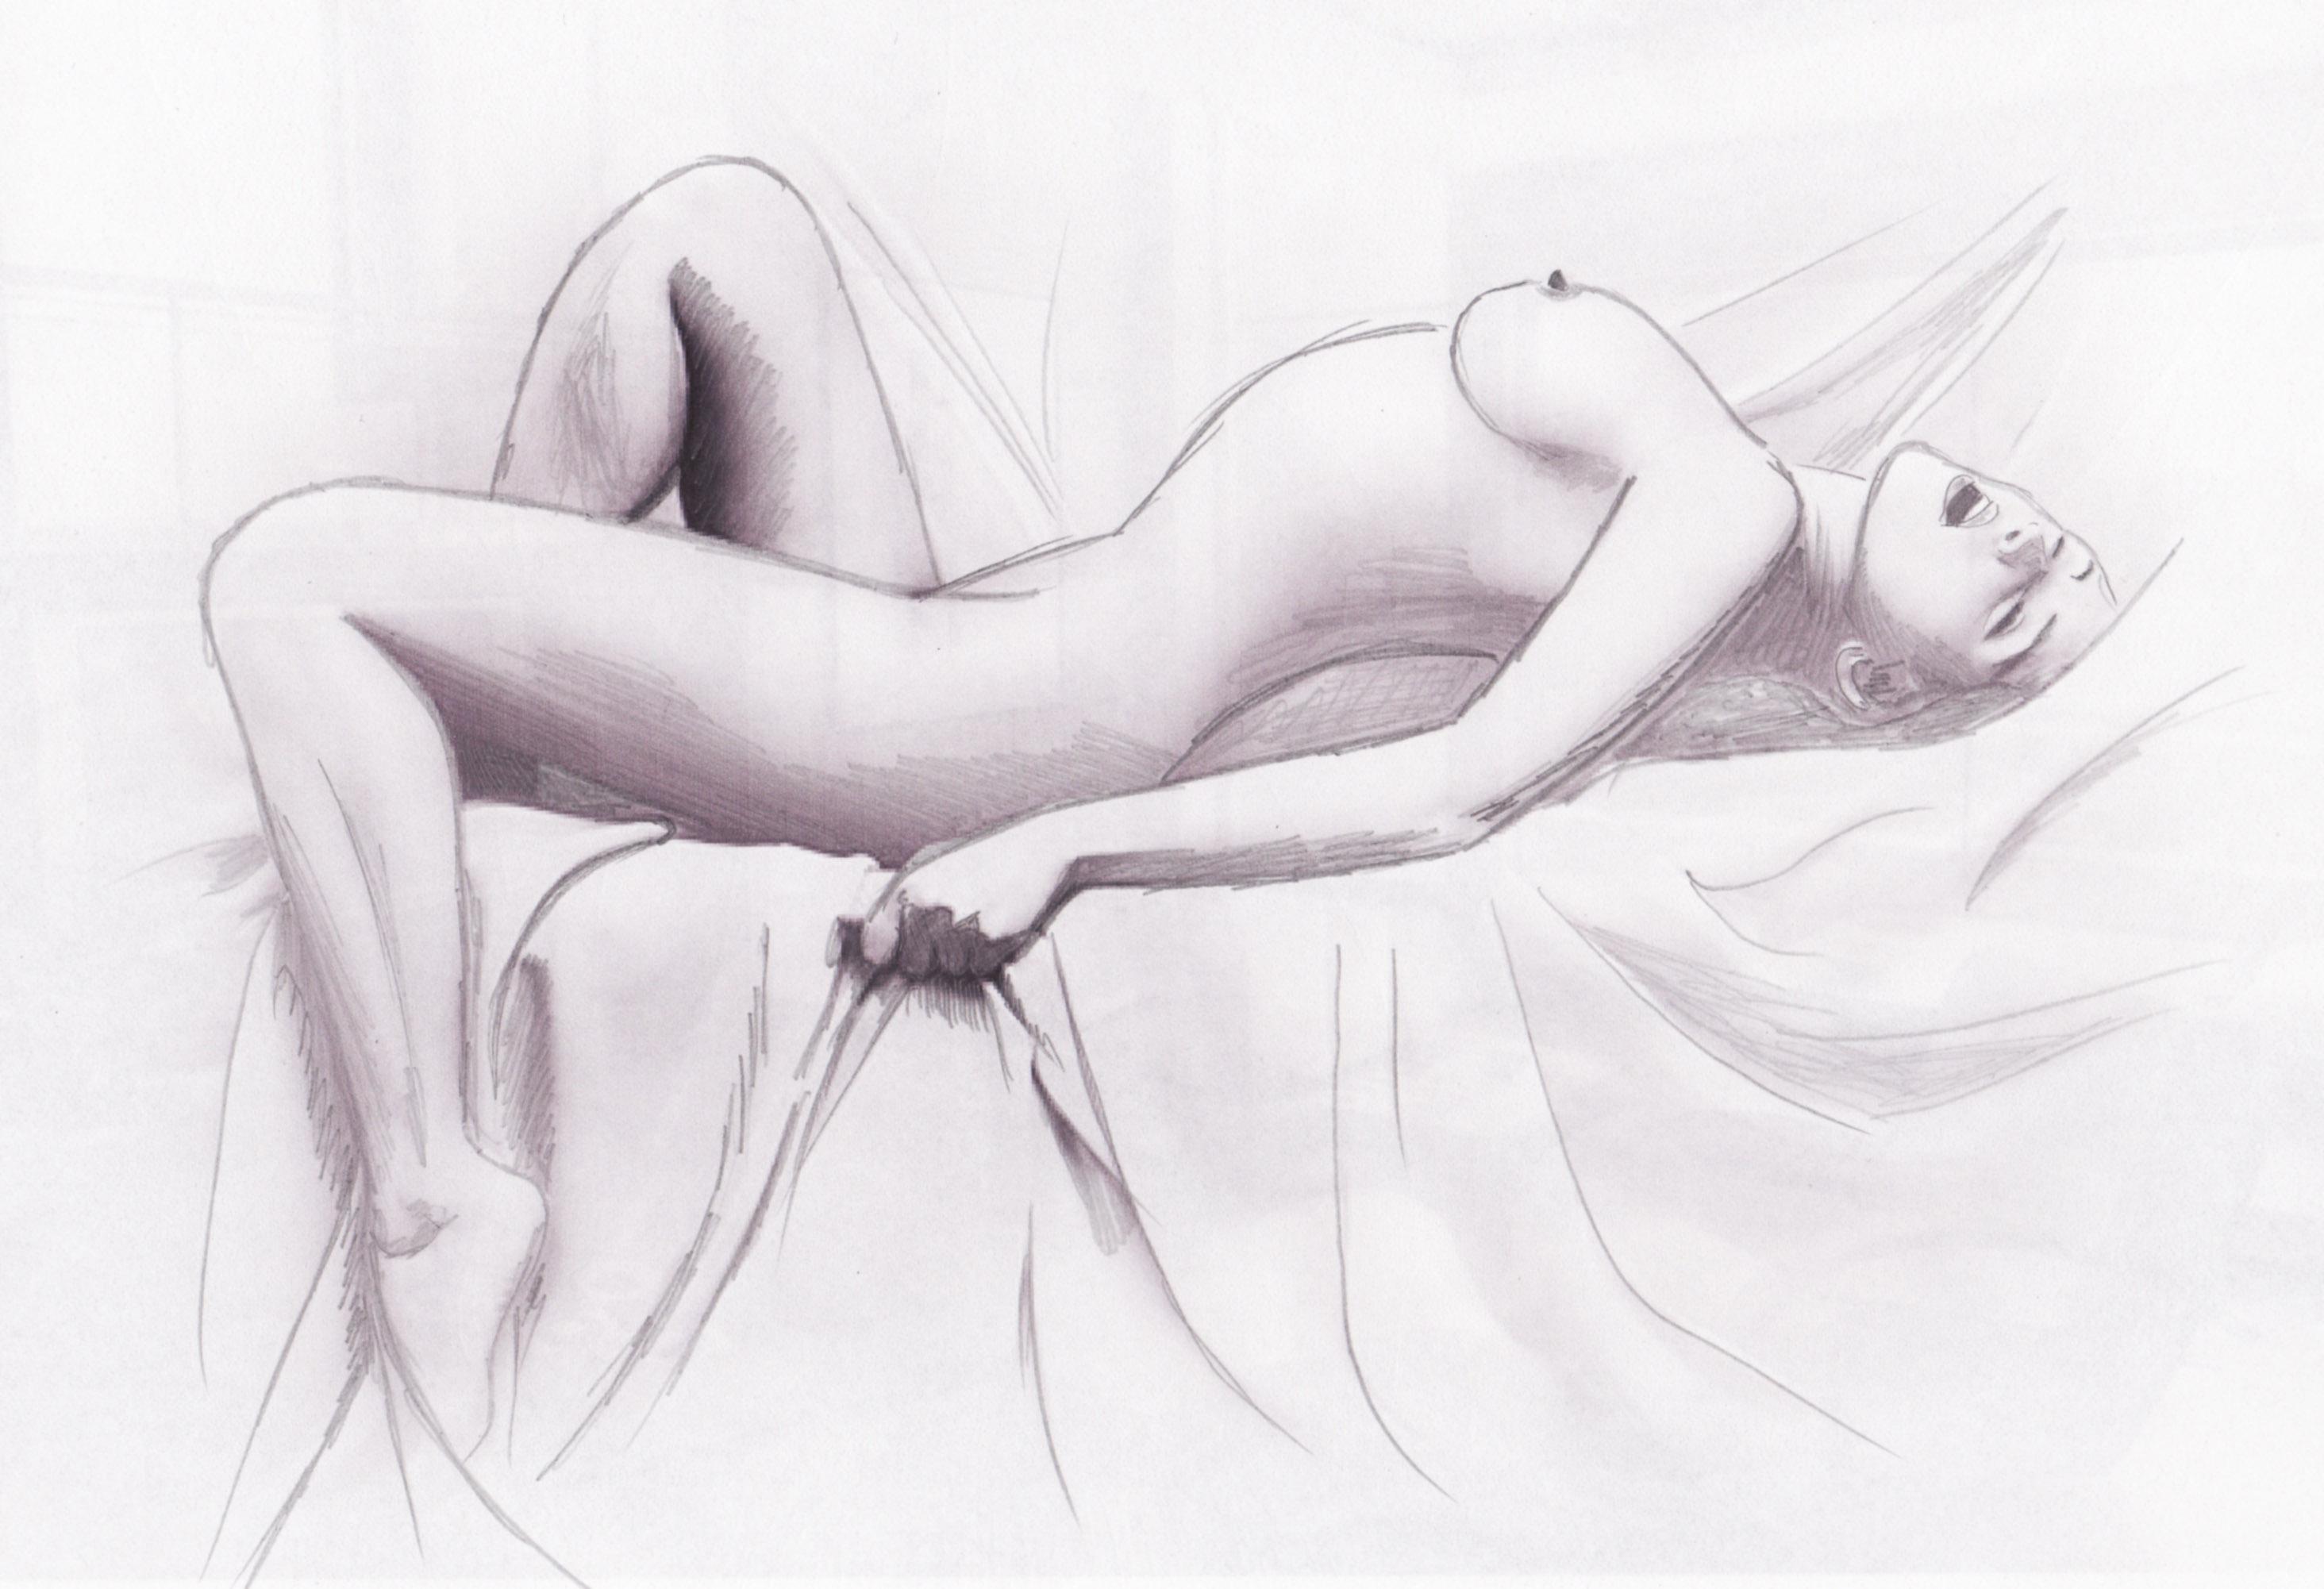 нарисованные секс женщины карандашом